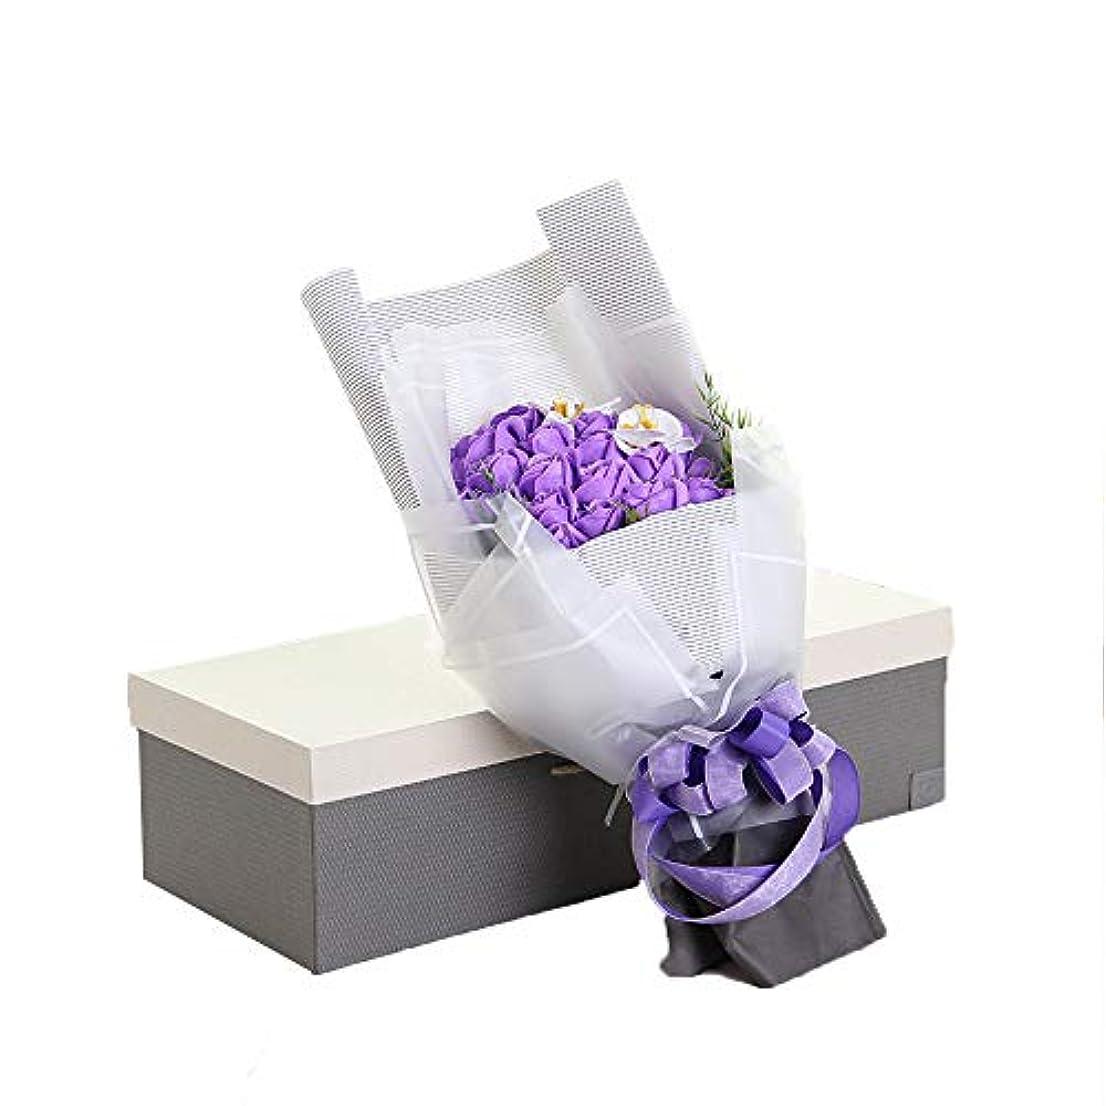 公爵夫人再び理容師手作り29石鹸花の花束ギフトボックス、女性のためのギフトバレンタインデー、母の日、結婚式、クリスマス、誕生日(ベアカラーランダム) (色 : 紫の)